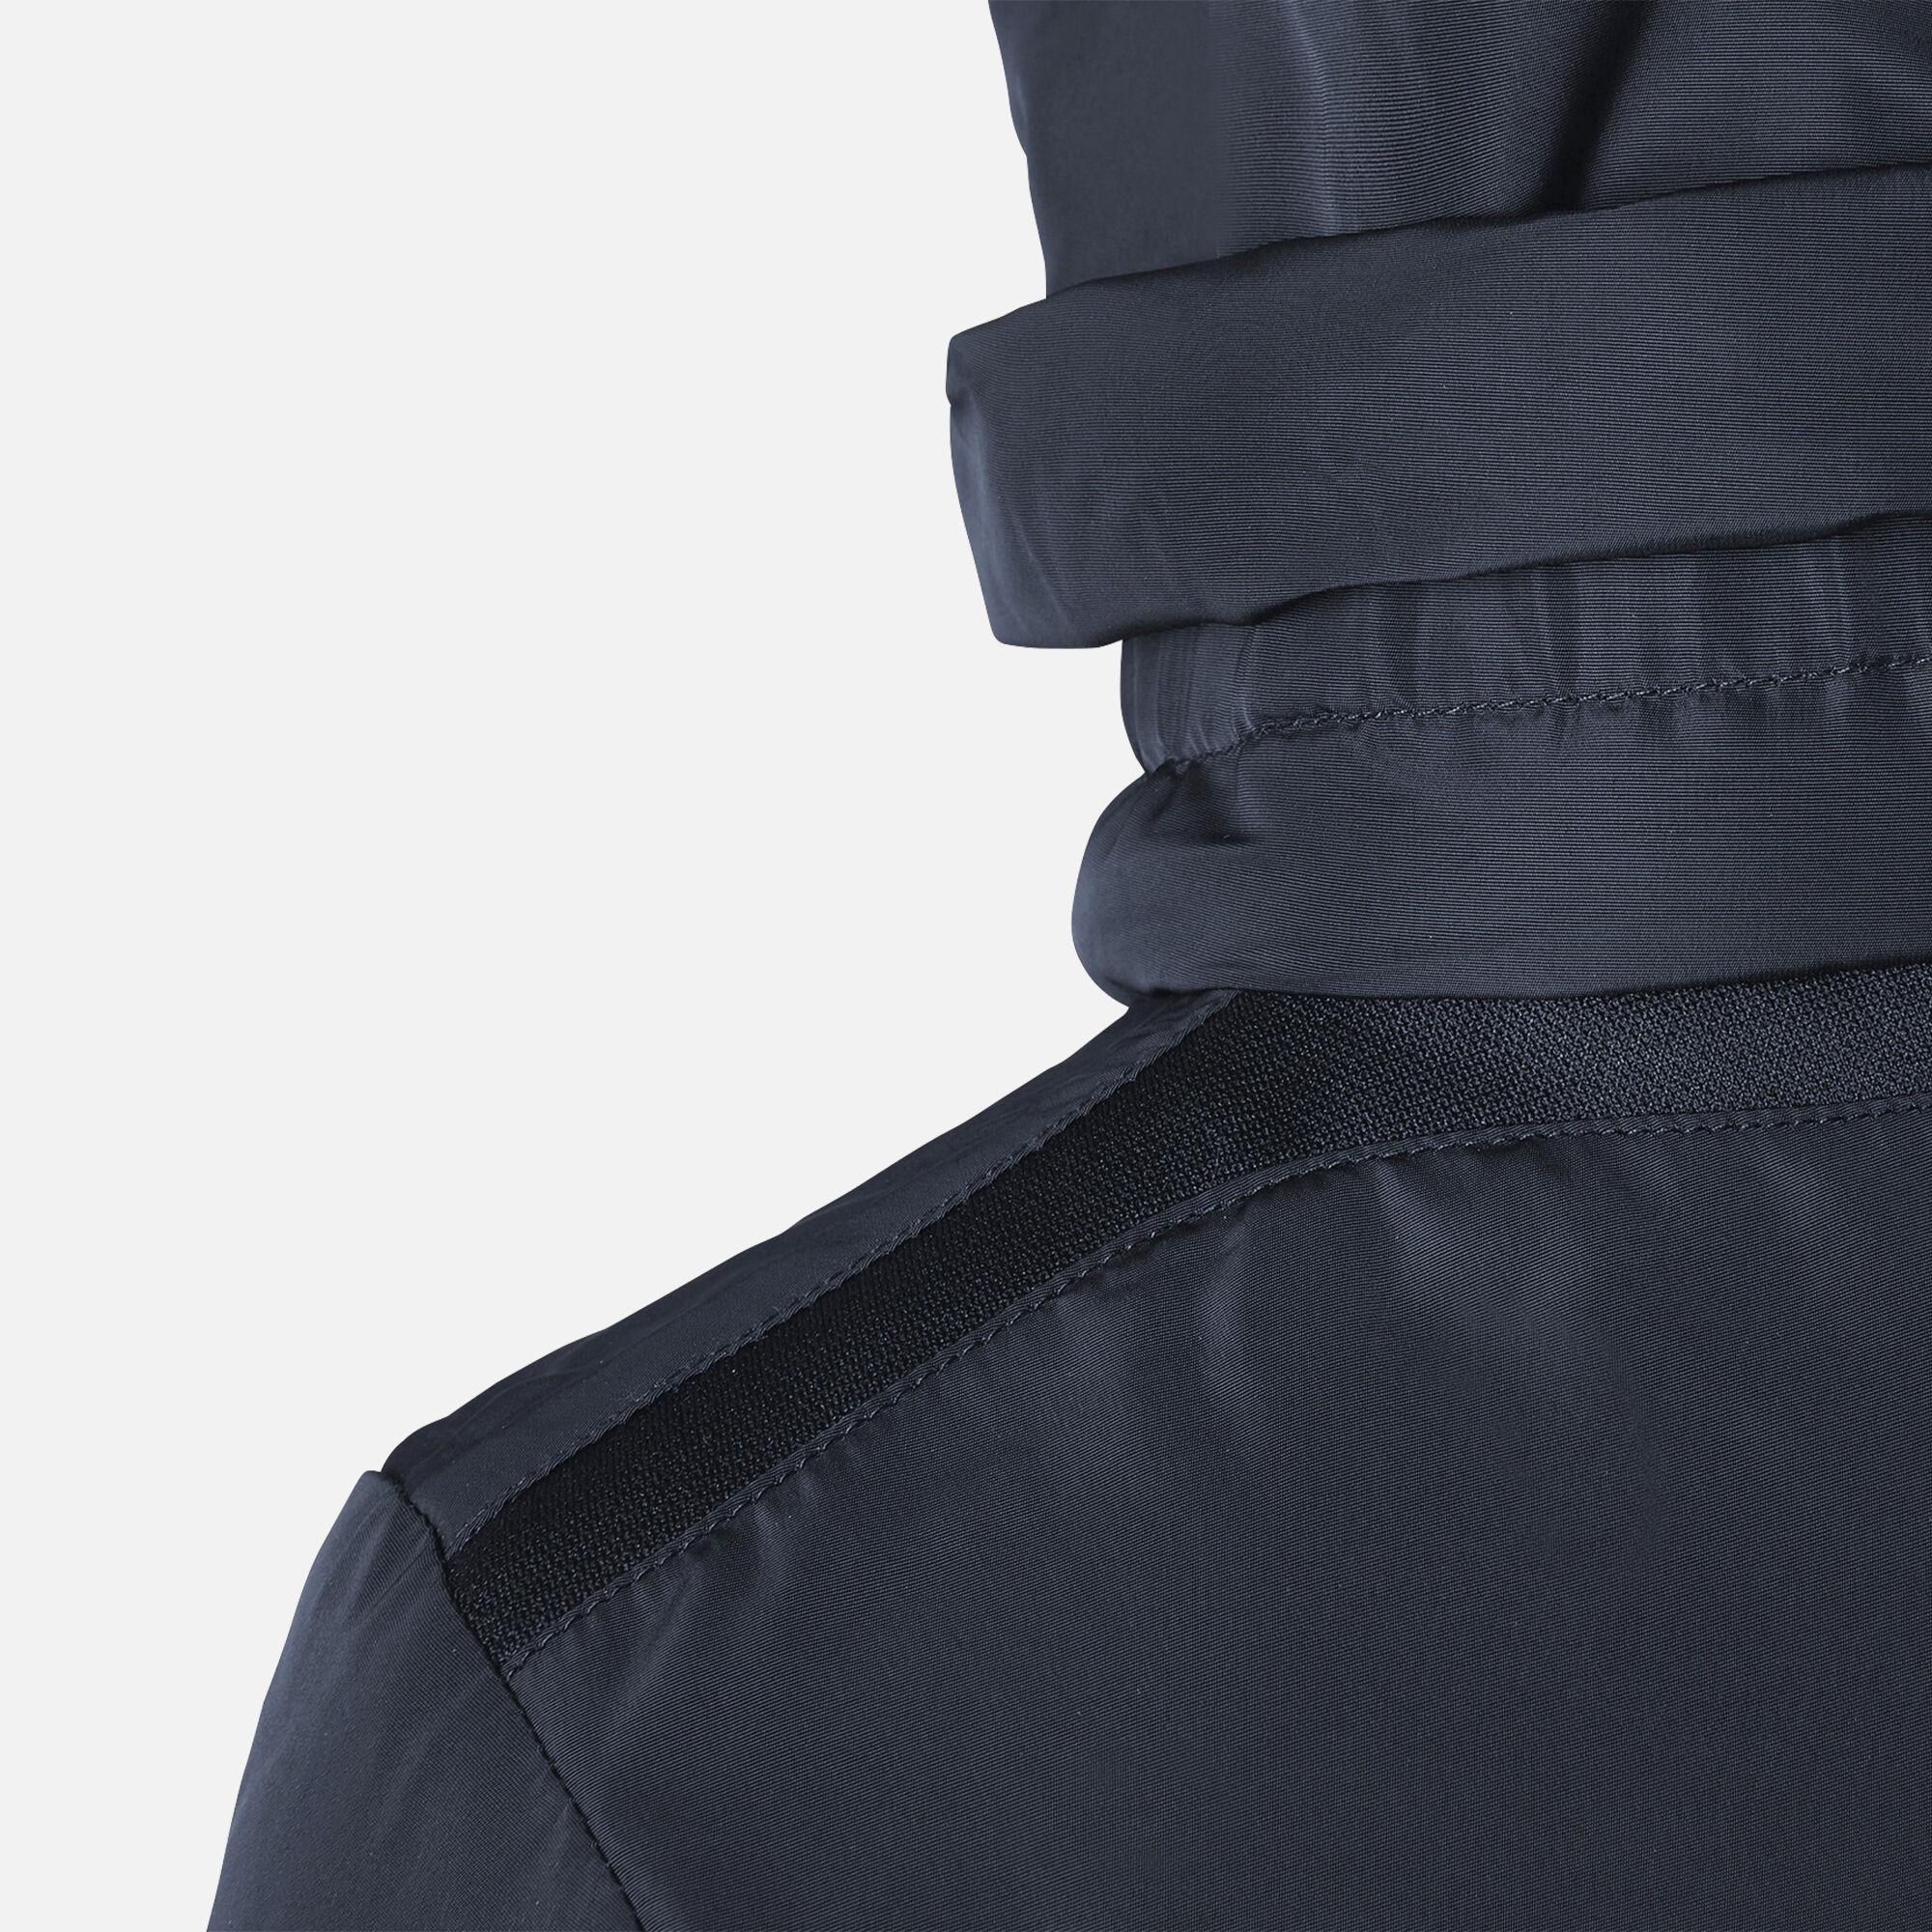 Geox NAIOMY Frau: dunkelblaue Jacke | Geox HerbstWinter